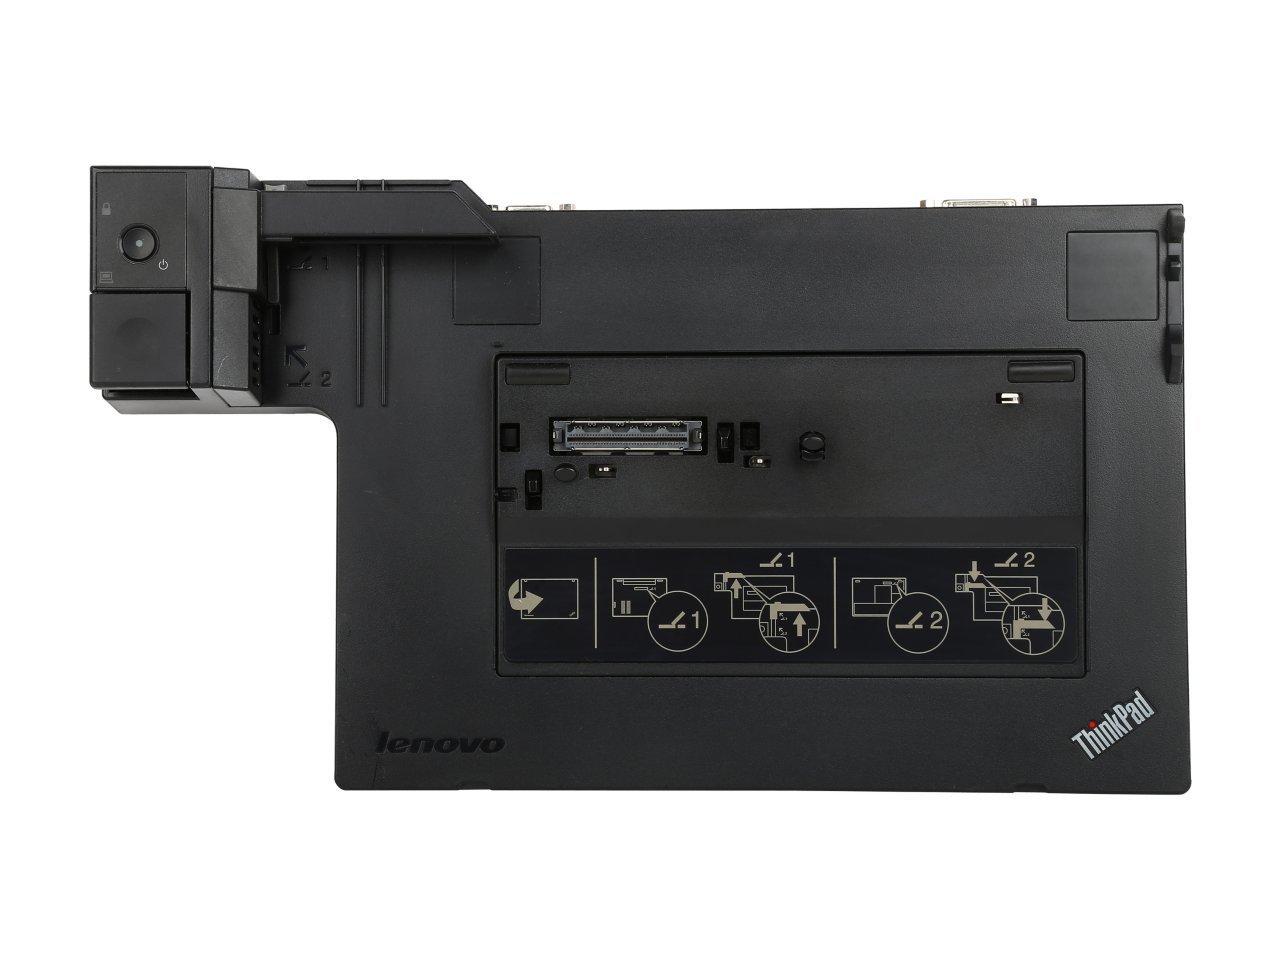 Lenovo Thinkpad Mini Dock Series 3 (433710U)